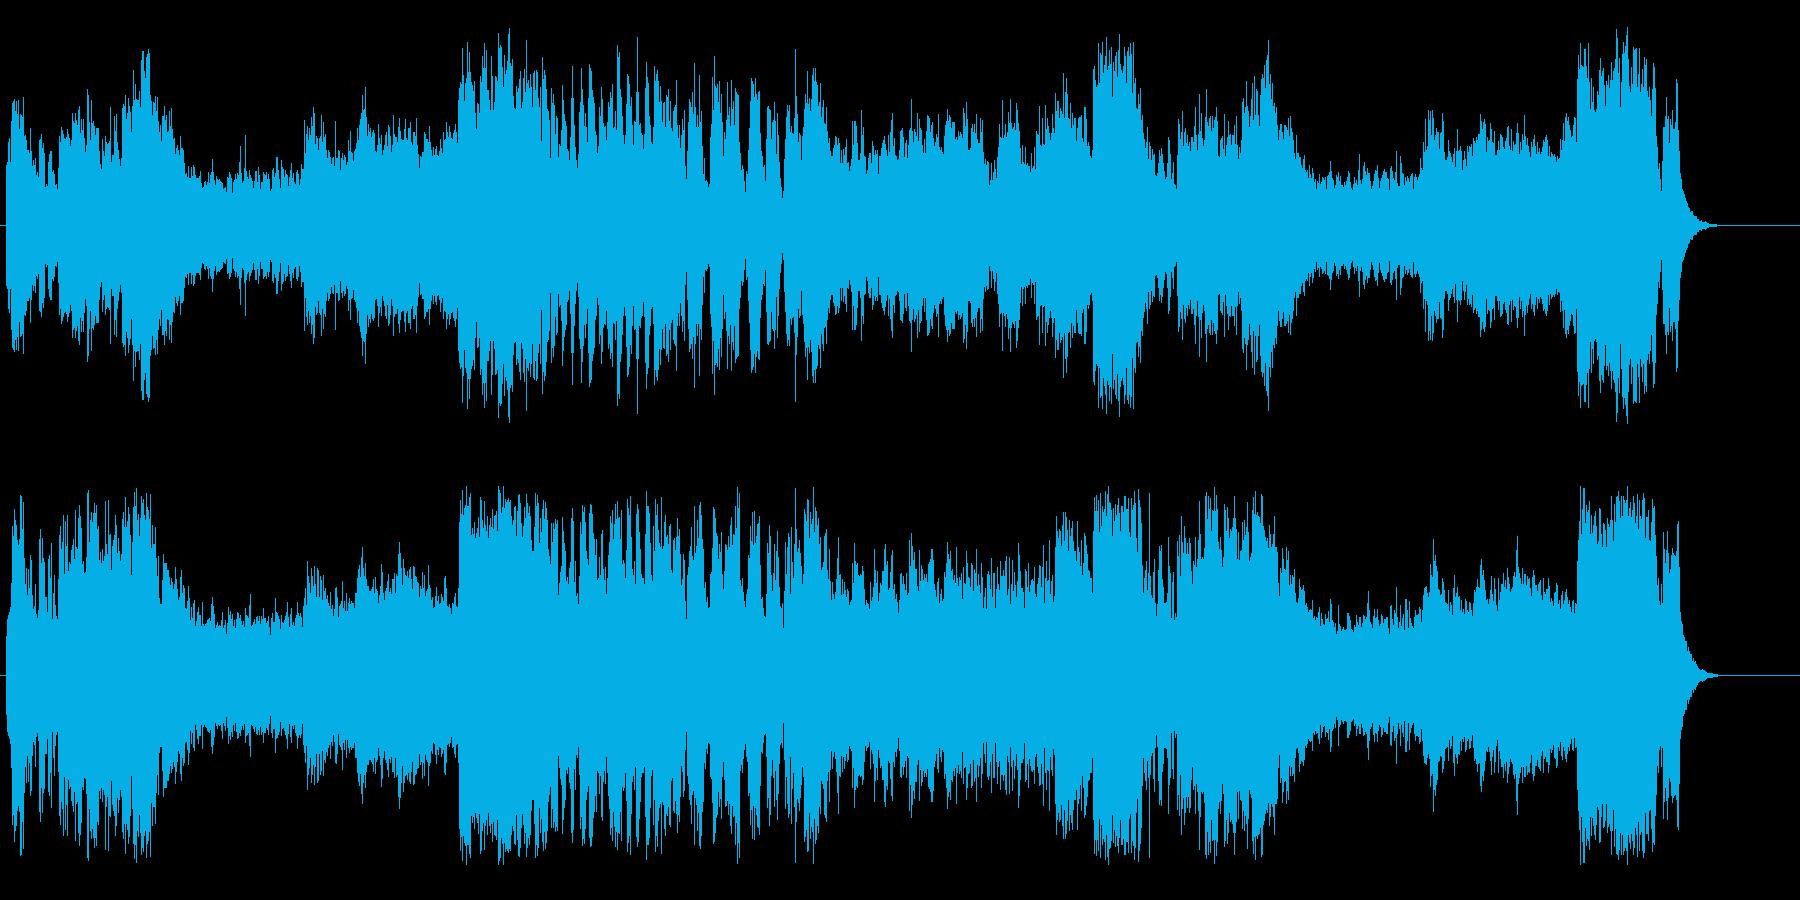 スケールのでかいドラマチックサウンドの再生済みの波形